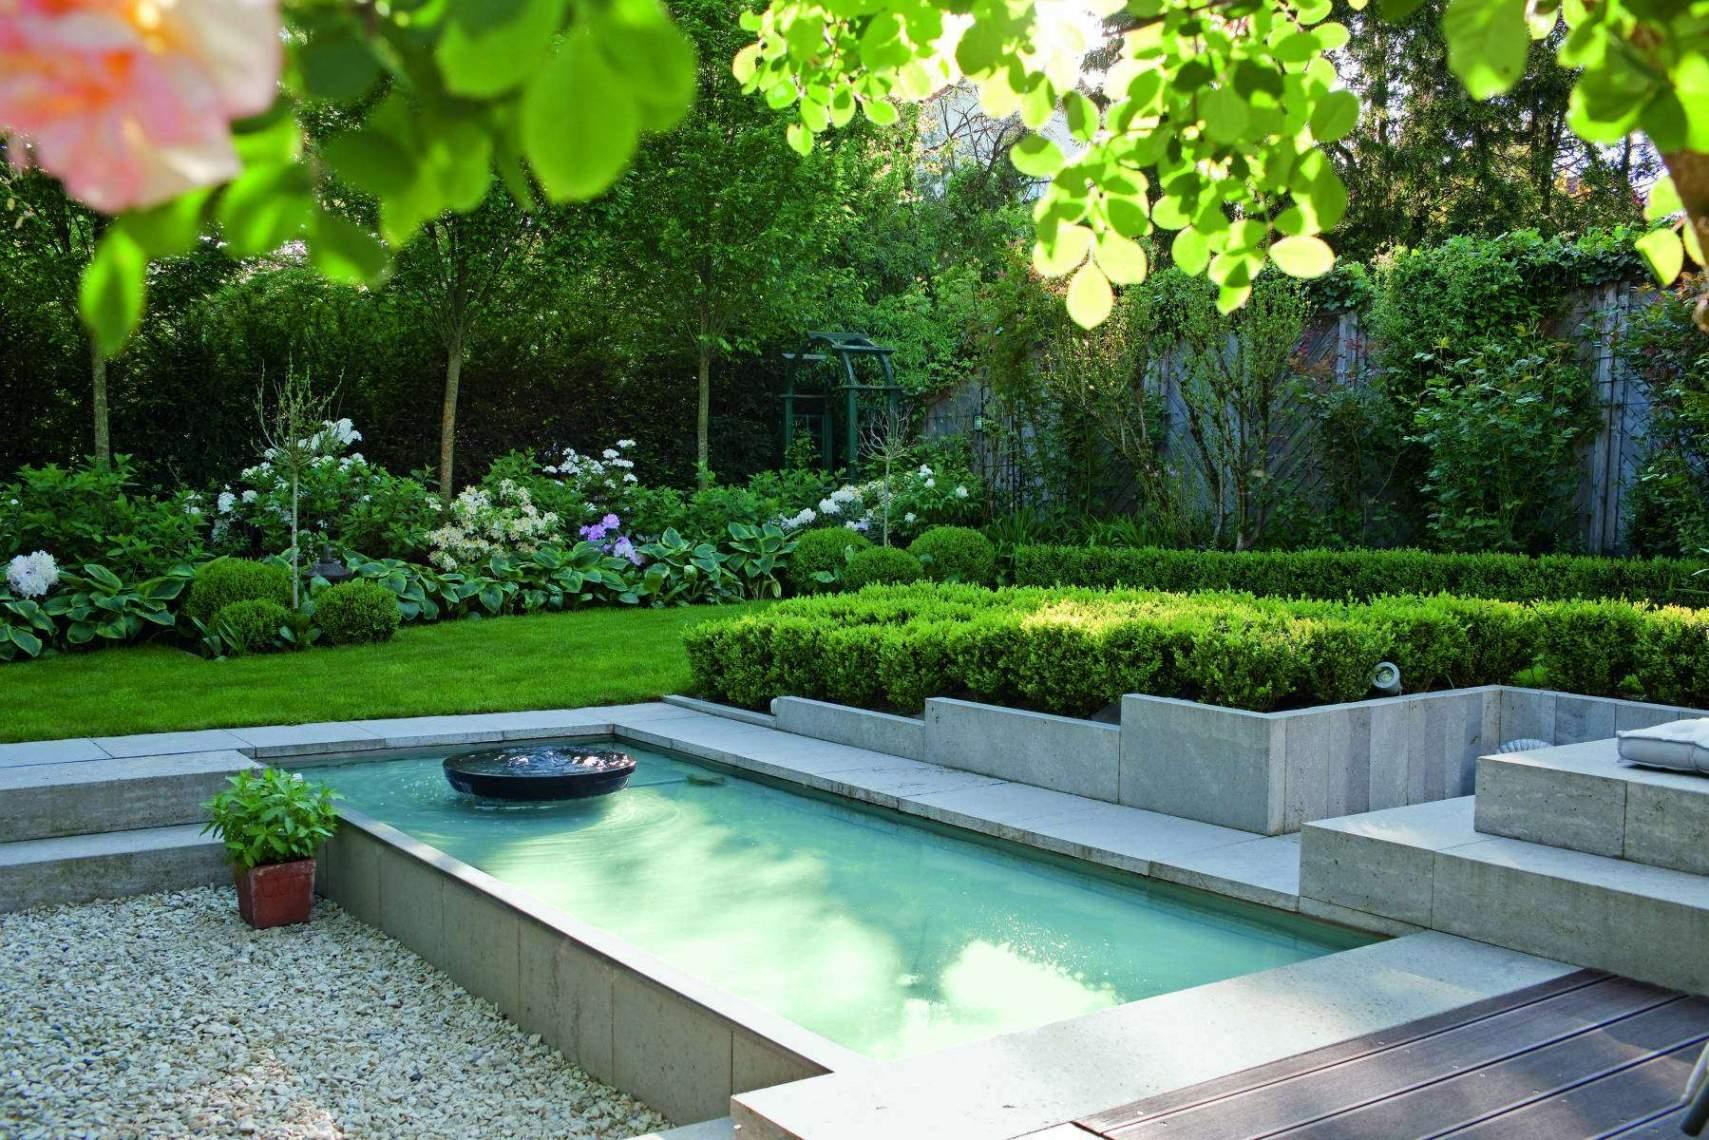 Gartengestaltung Kleine Gärten Einzigartig Gartengestaltung Kleine Gärten — Temobardz Home Blog